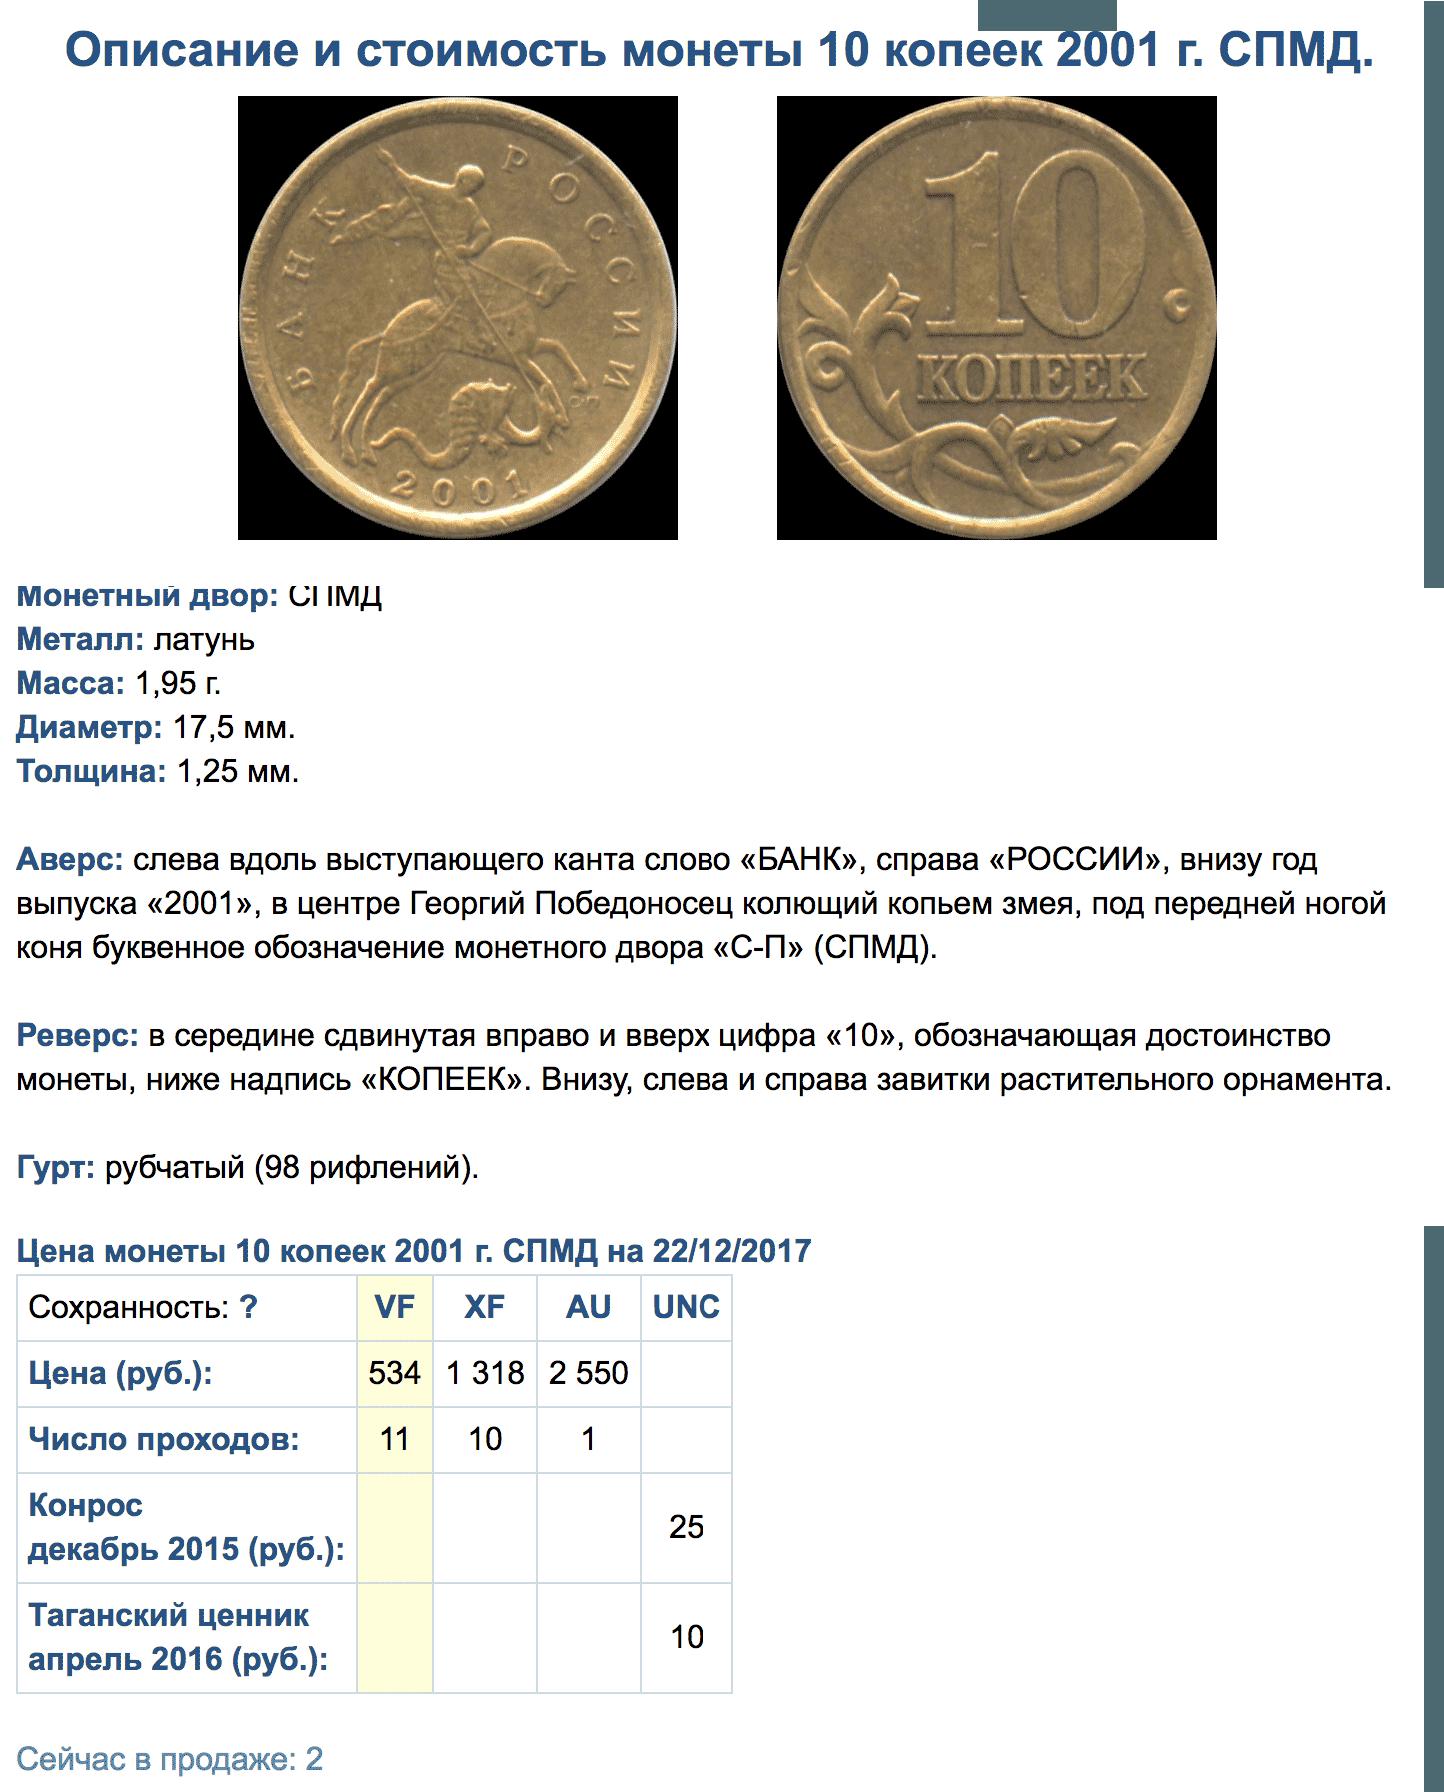 один друзей горелые монеты сколько стоят фото как-то разнообразить